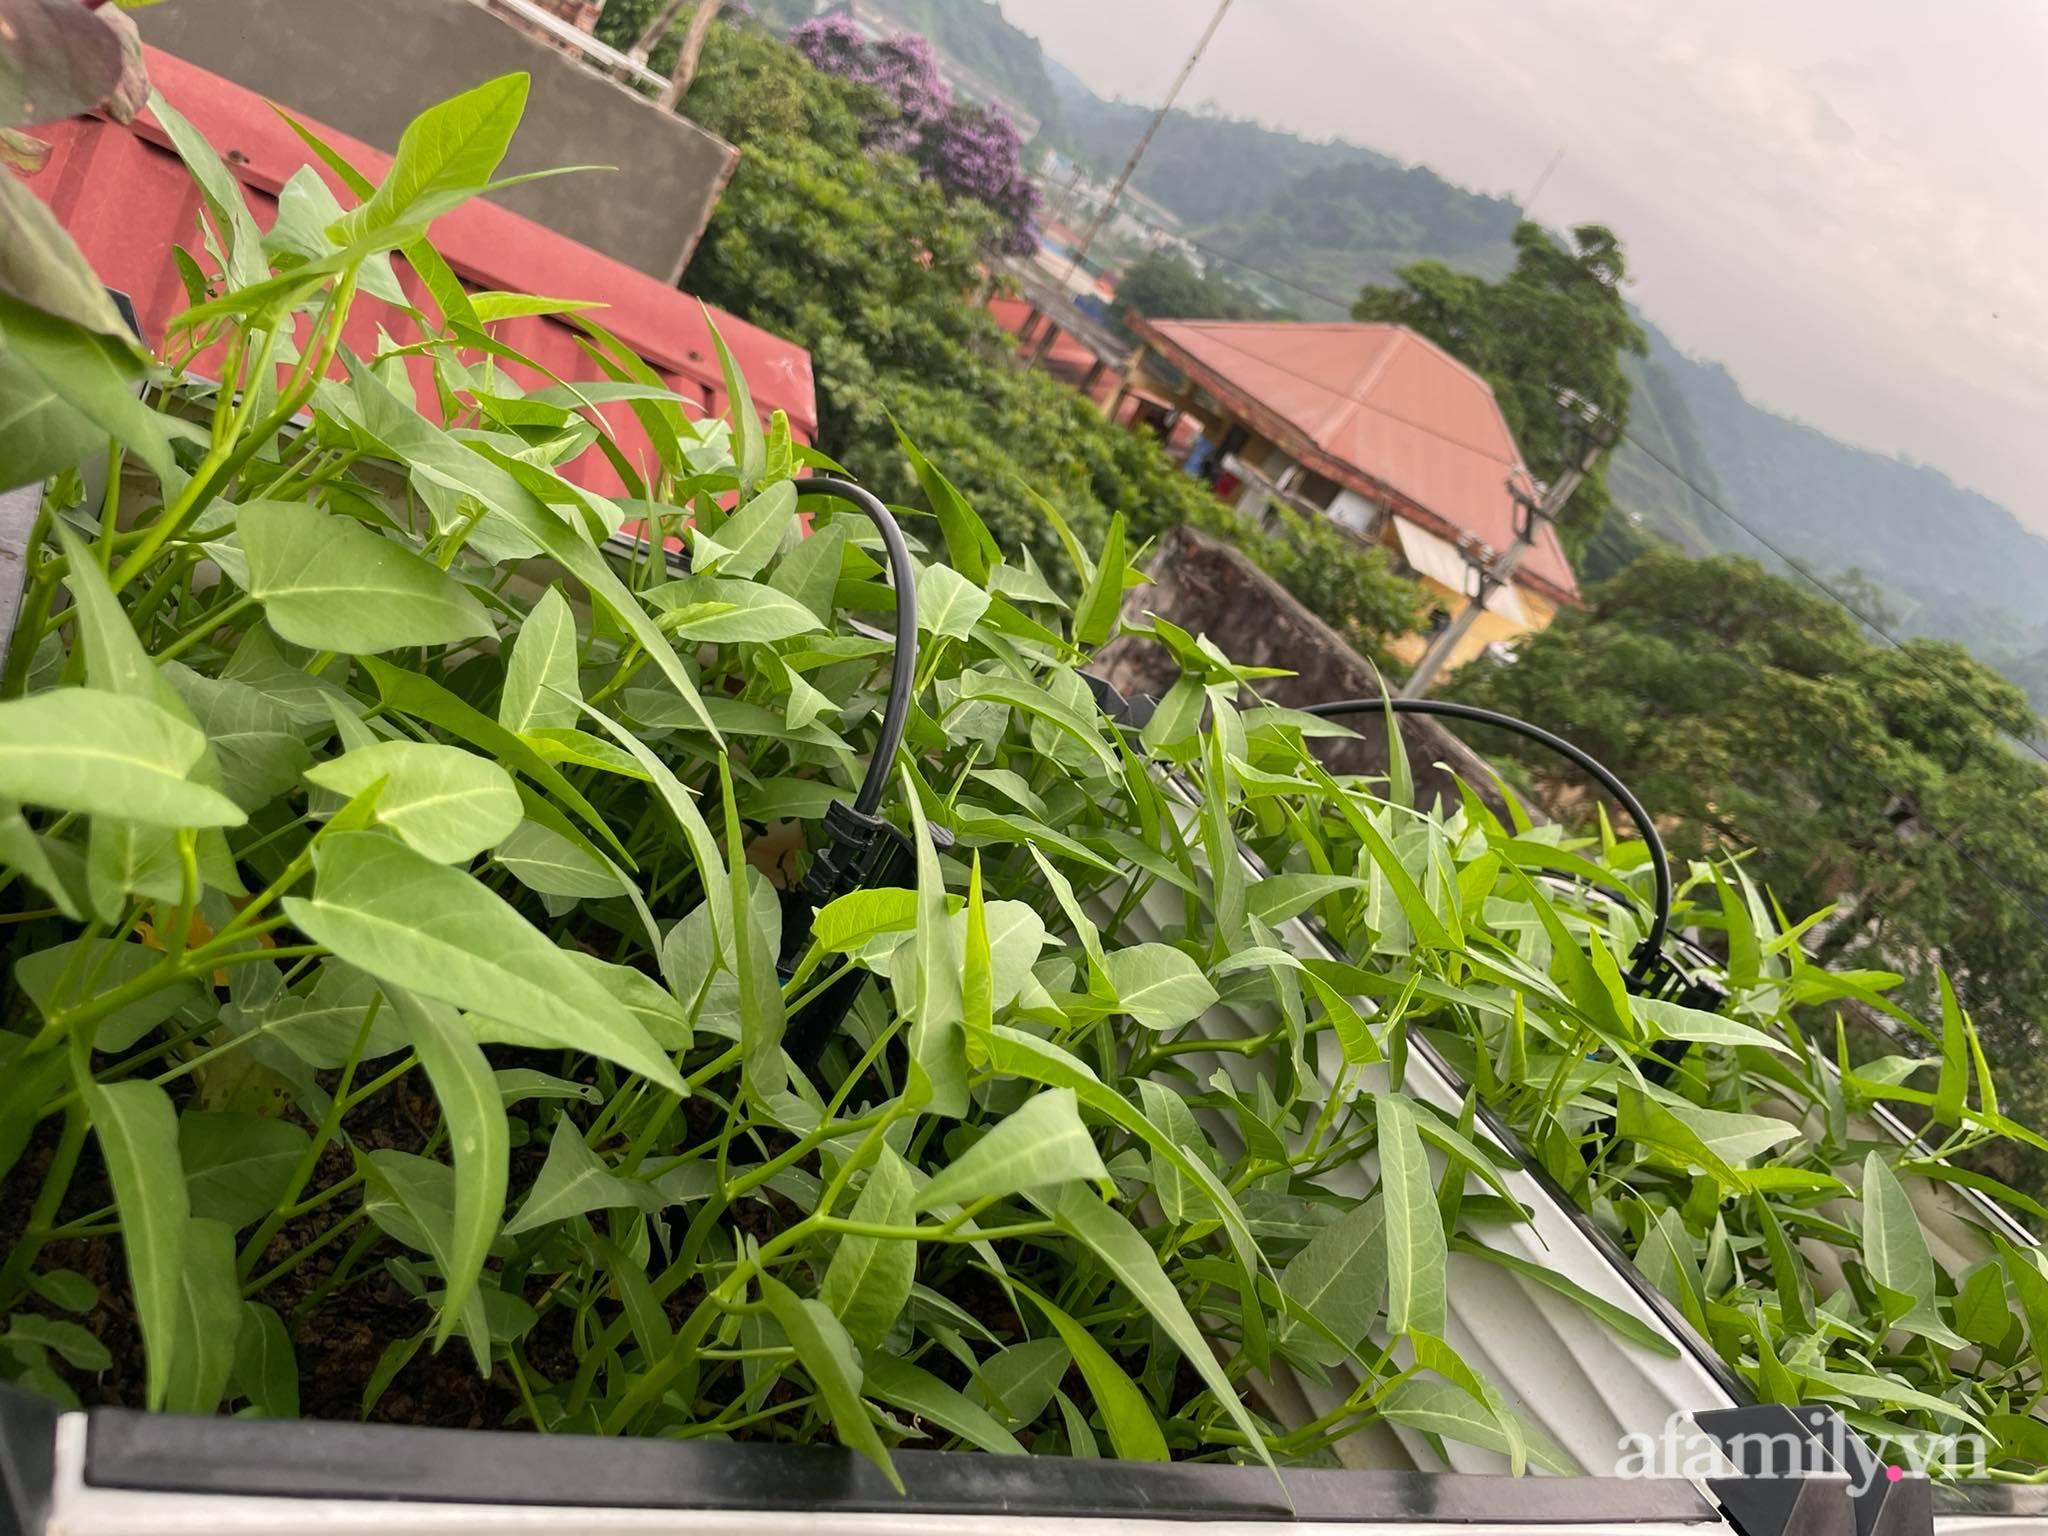 Sân thượng quanh năm bội thu rau trái nhờ bàn tay đảm đang của người mẹ trẻ ở Lào Cai - Ảnh 3.